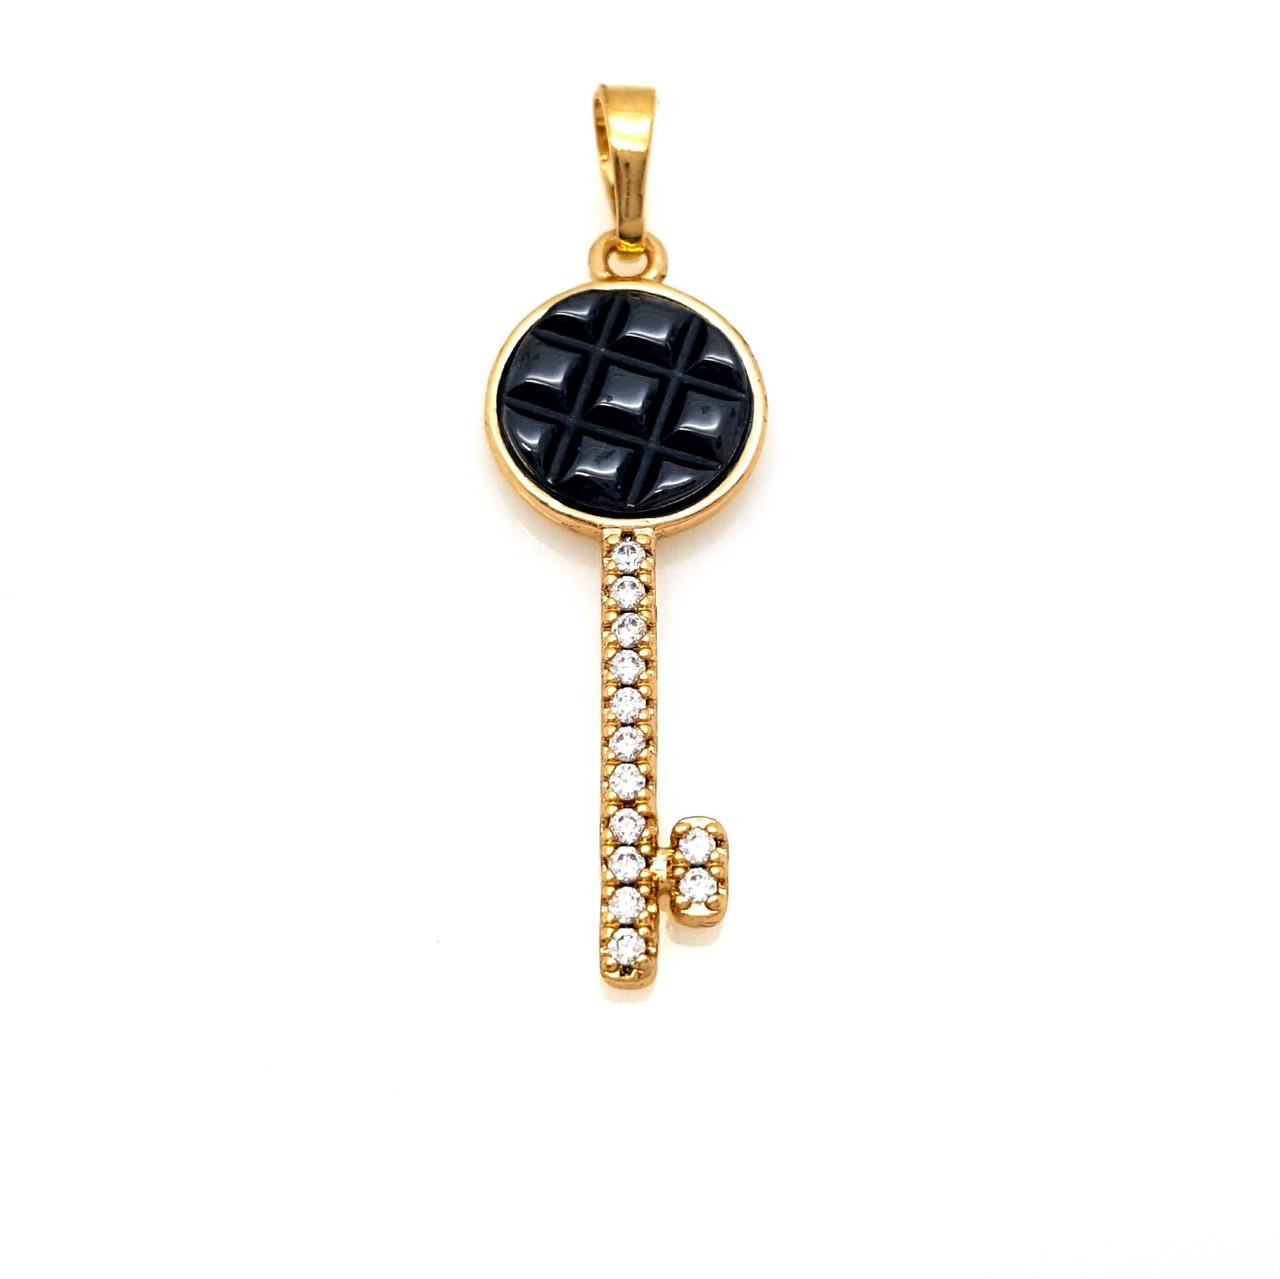 Кулон Ключик, с черной керамикой и камнями, позолота